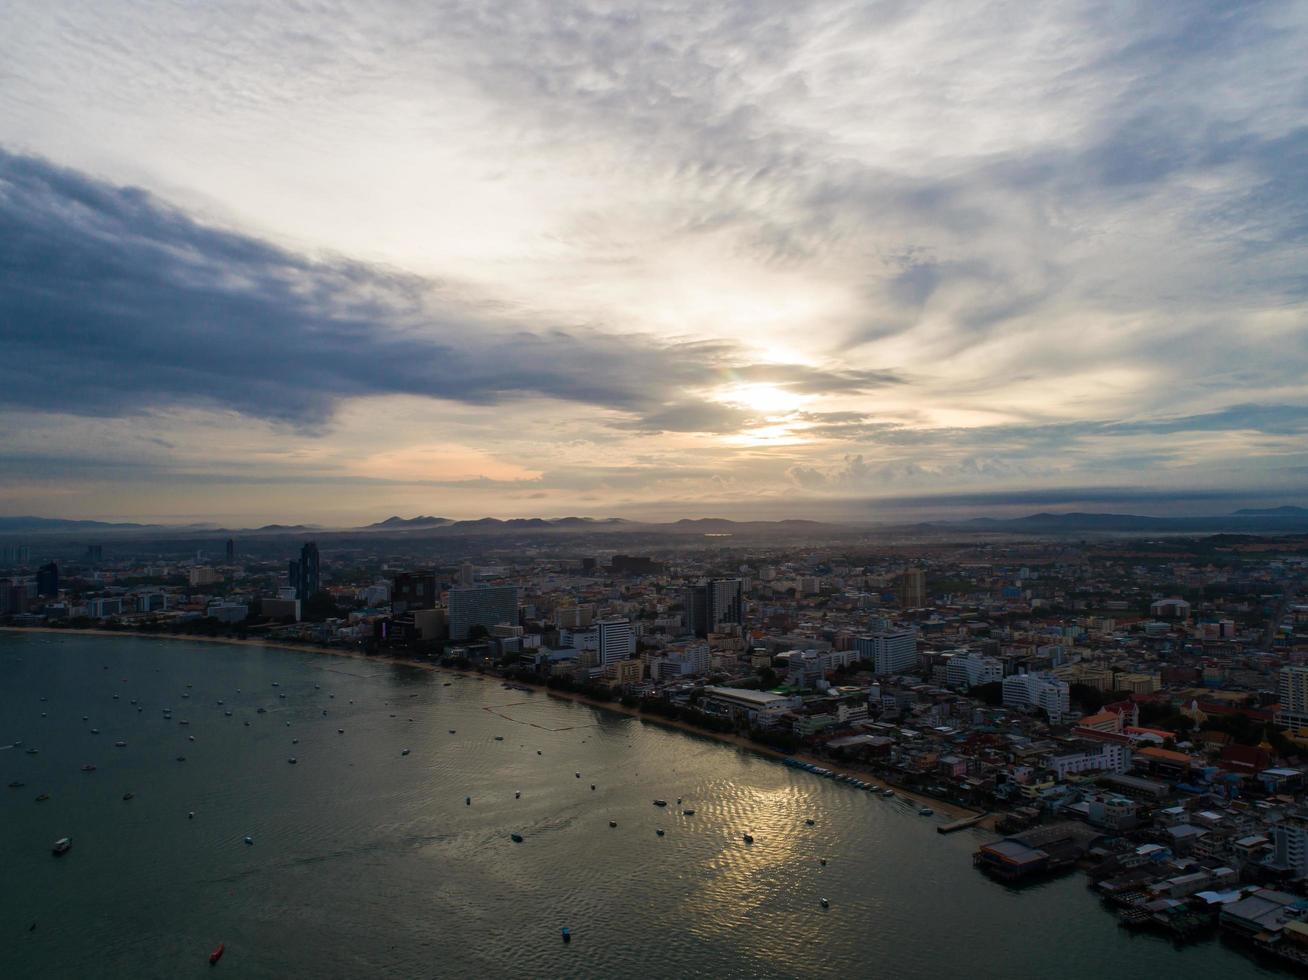 Vue aérienne de la plage de Pattaya alors que le soleil se lève sur l'océan en Thaïlande photo